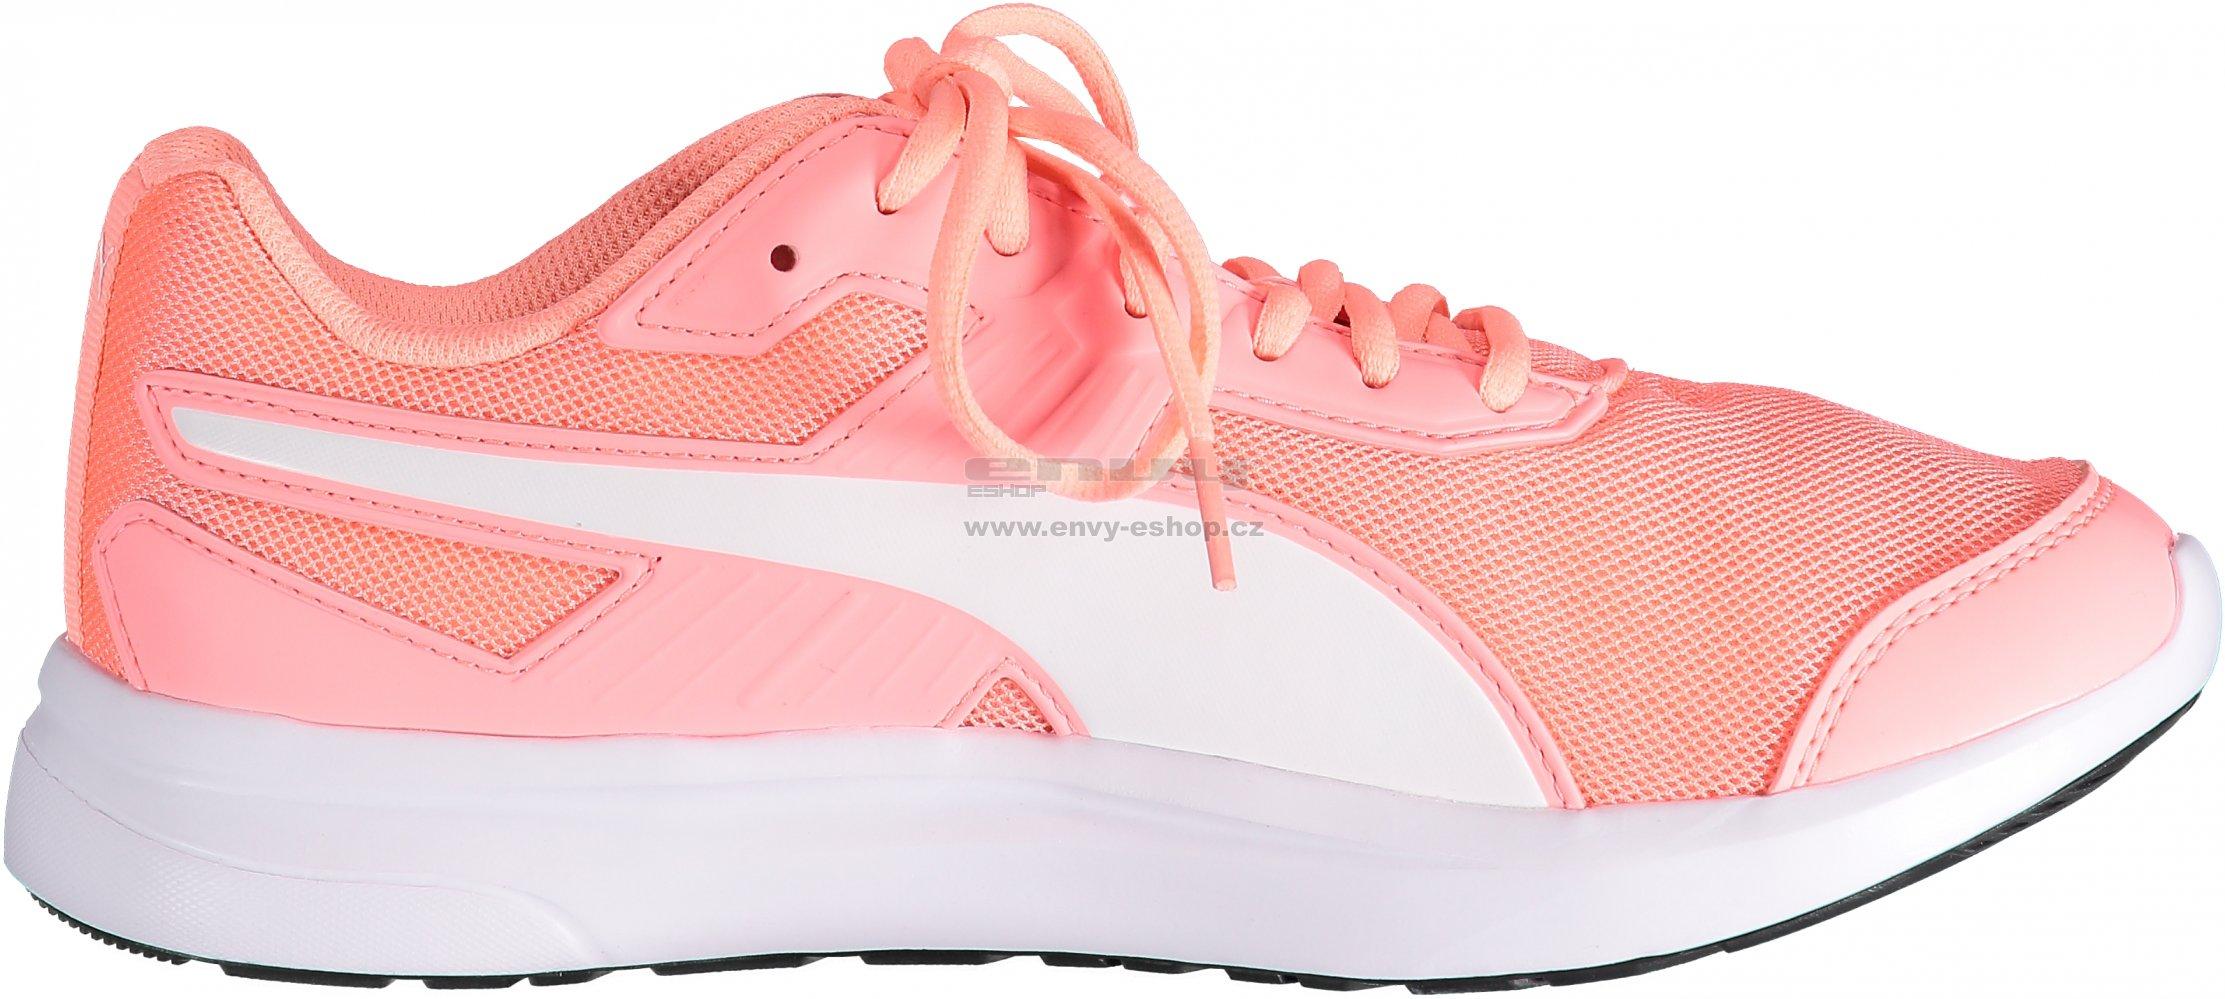 9888d2389a7 Dámská běžecká obuv PUMA ESCAPER MESH 36430710 SOFT FLUO PEACH PUMA WHITE